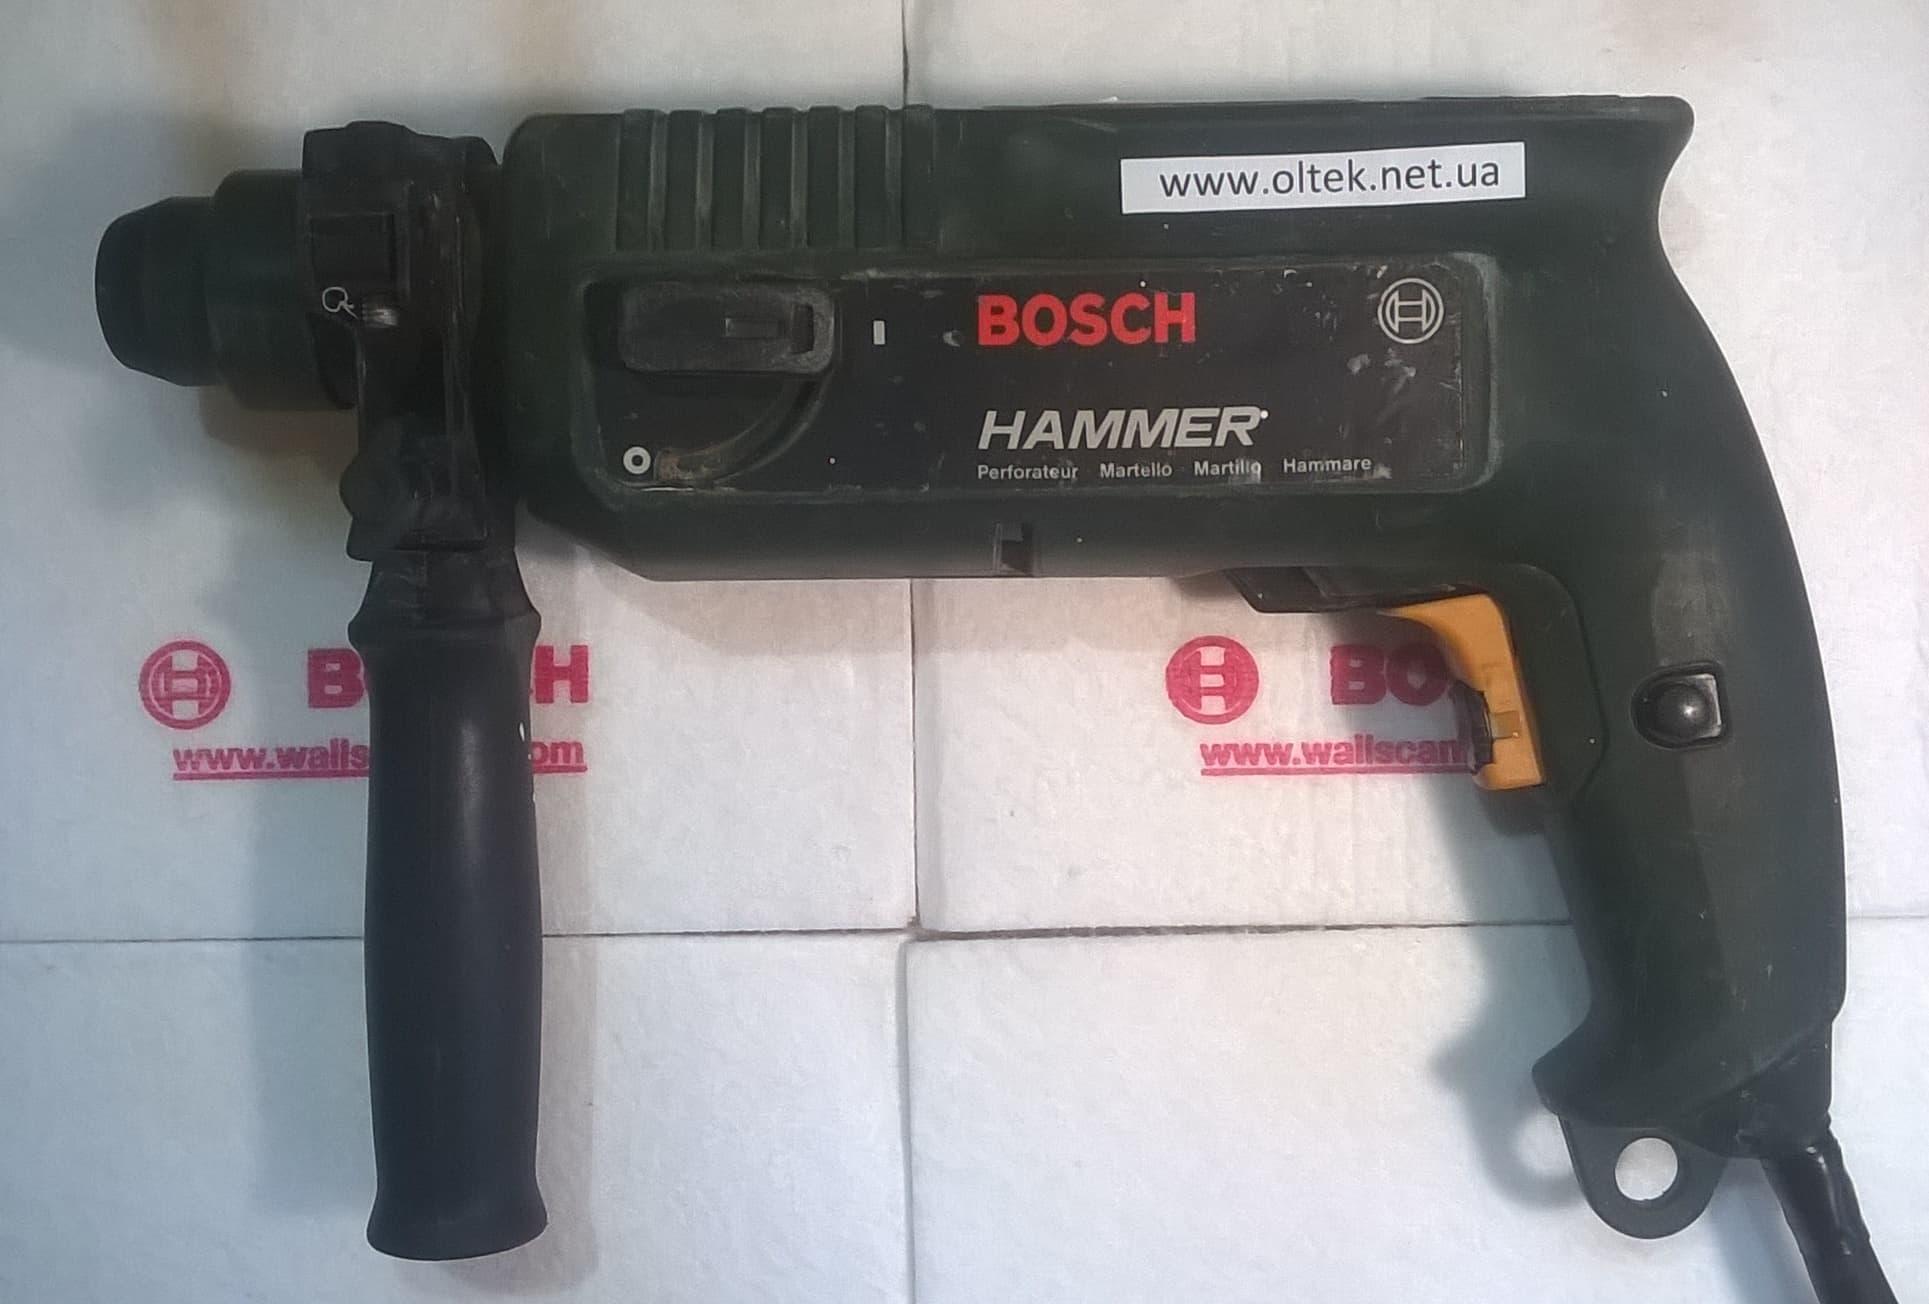 bosch-pbh-200-re-oltek-net-ua